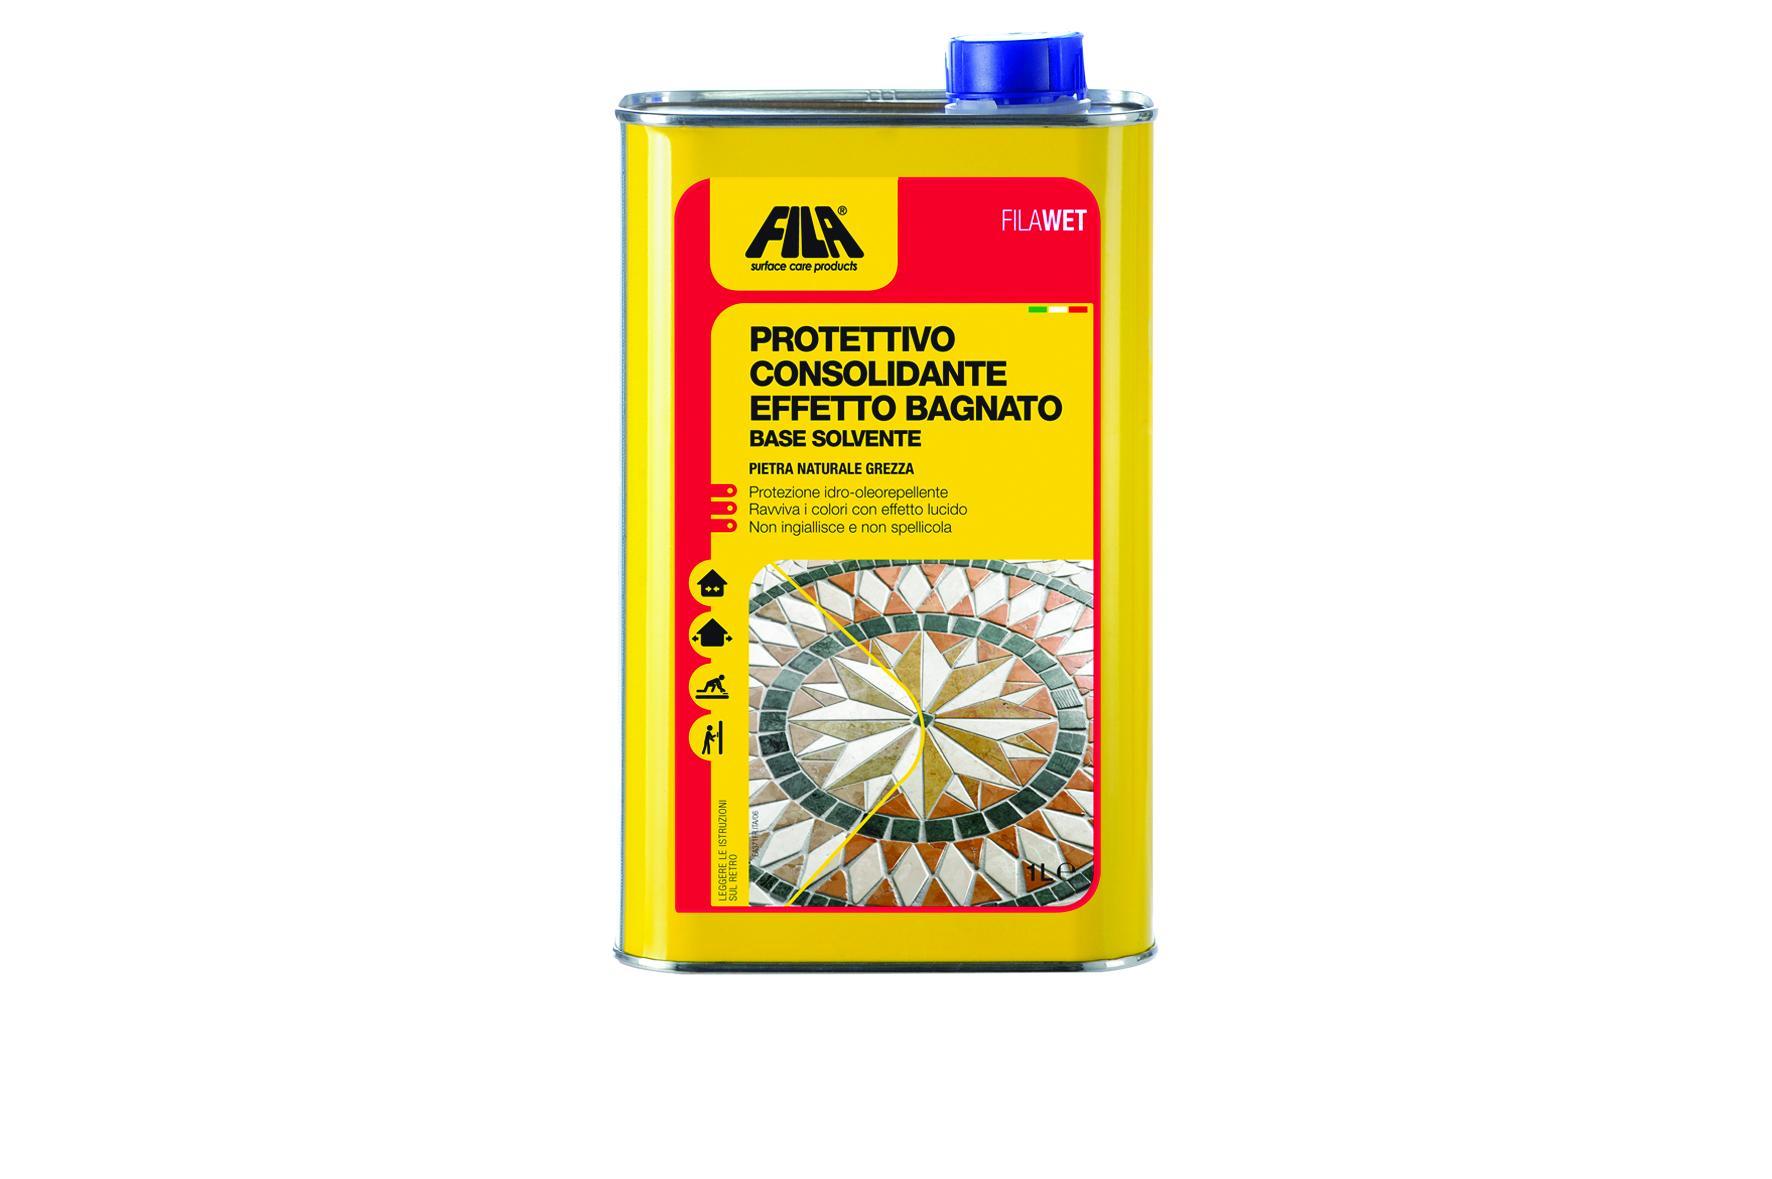 Protettivo Consolidante ad effetto Bagnato base solvente 1lt FilaWet FILA